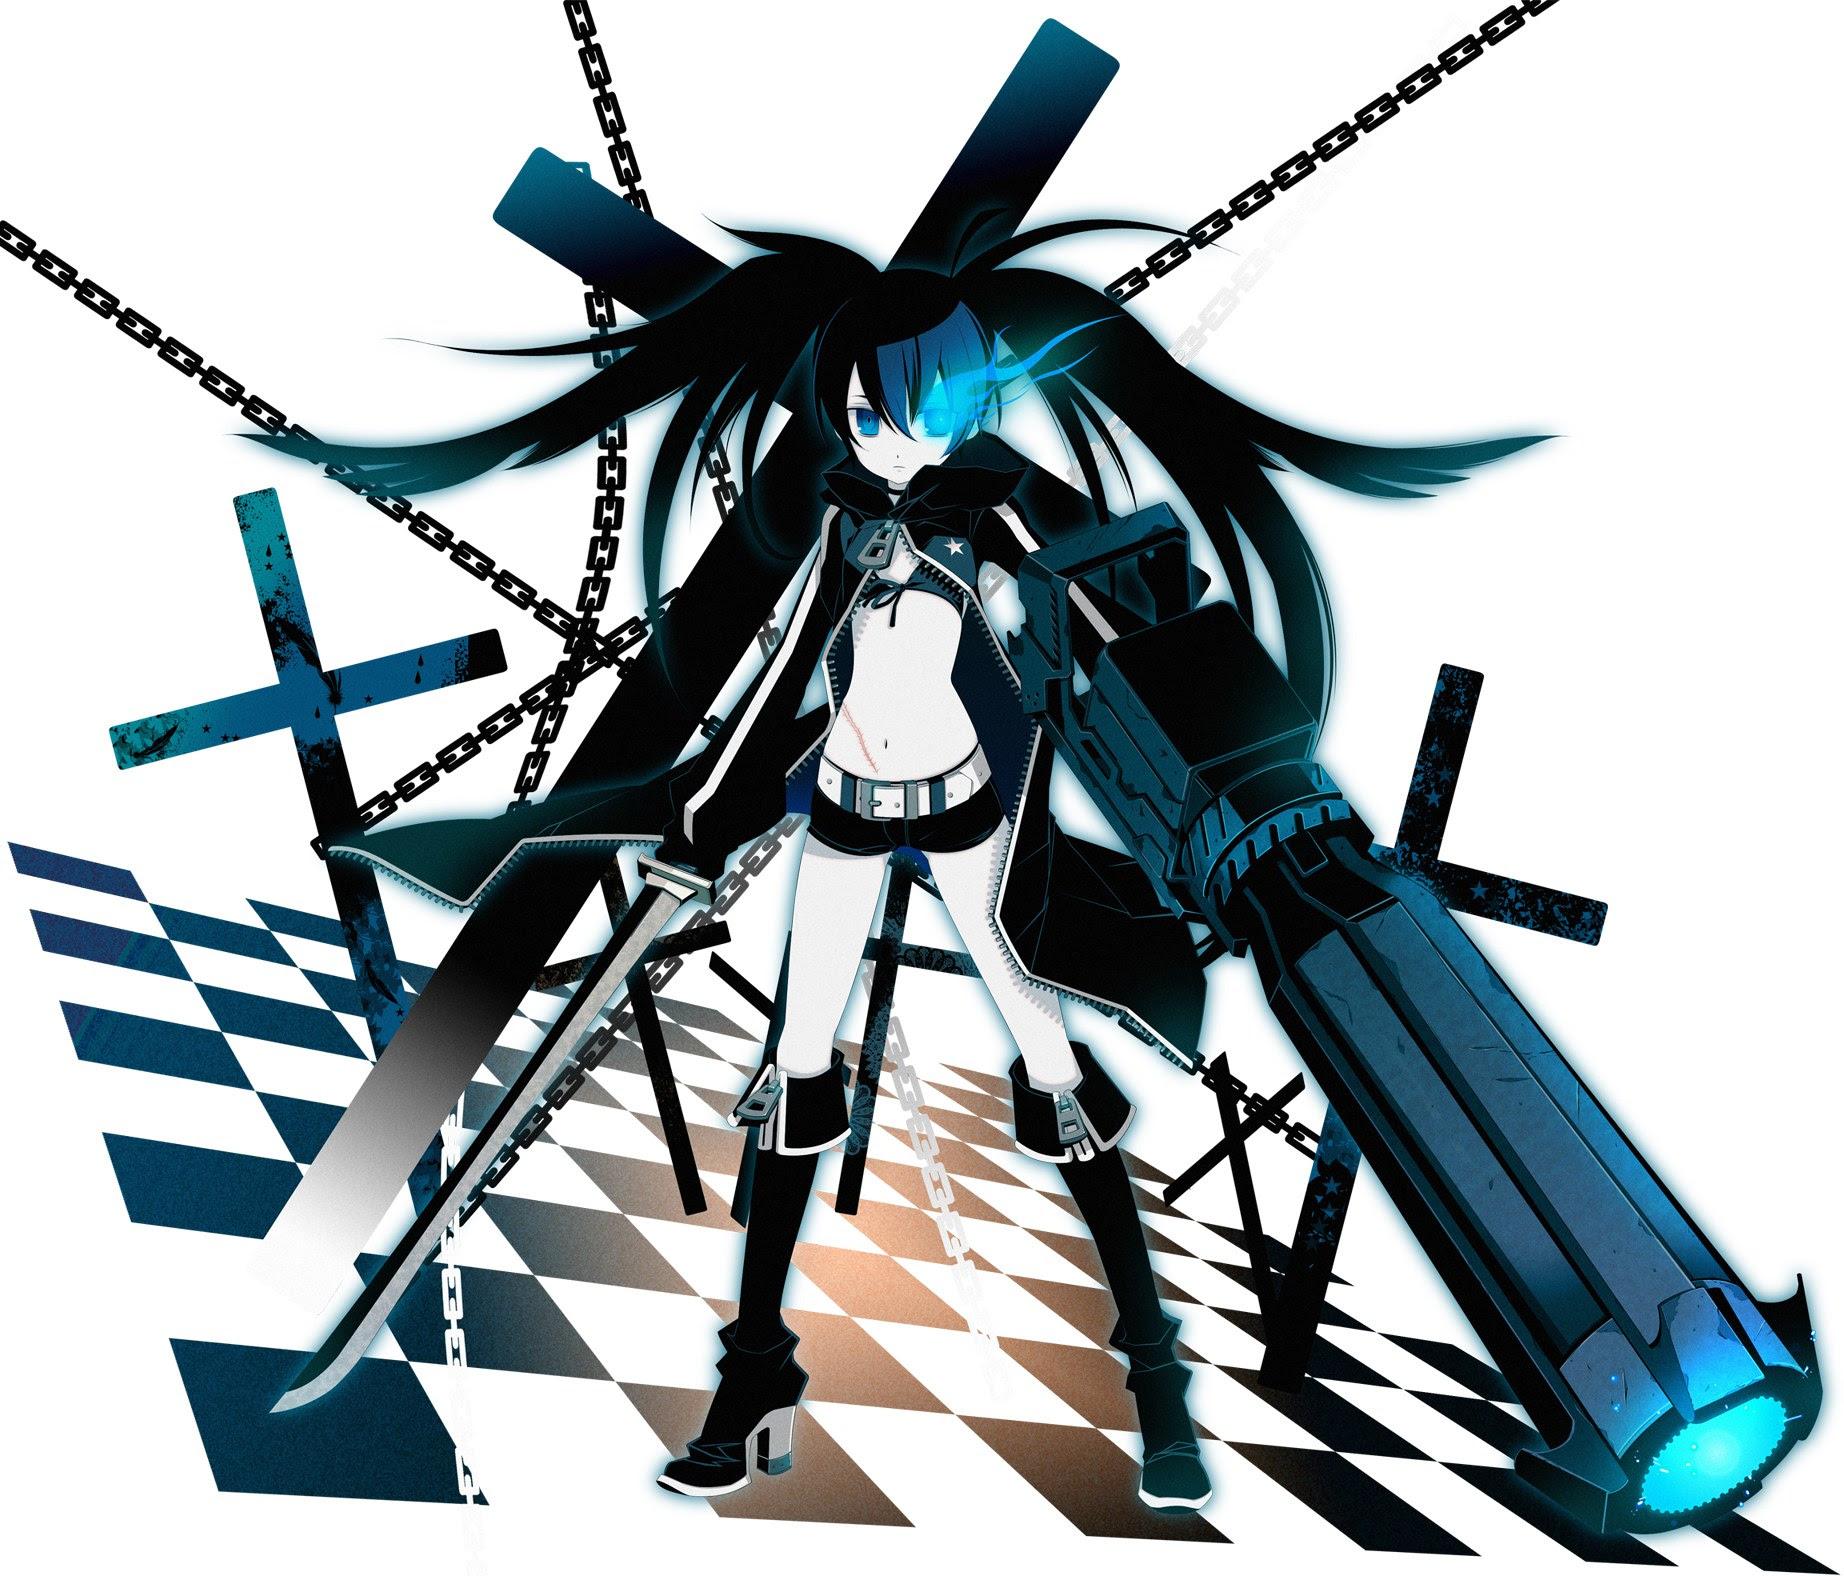 ブラック ロックシューター The Game 通常版 イメージエポック 最安値